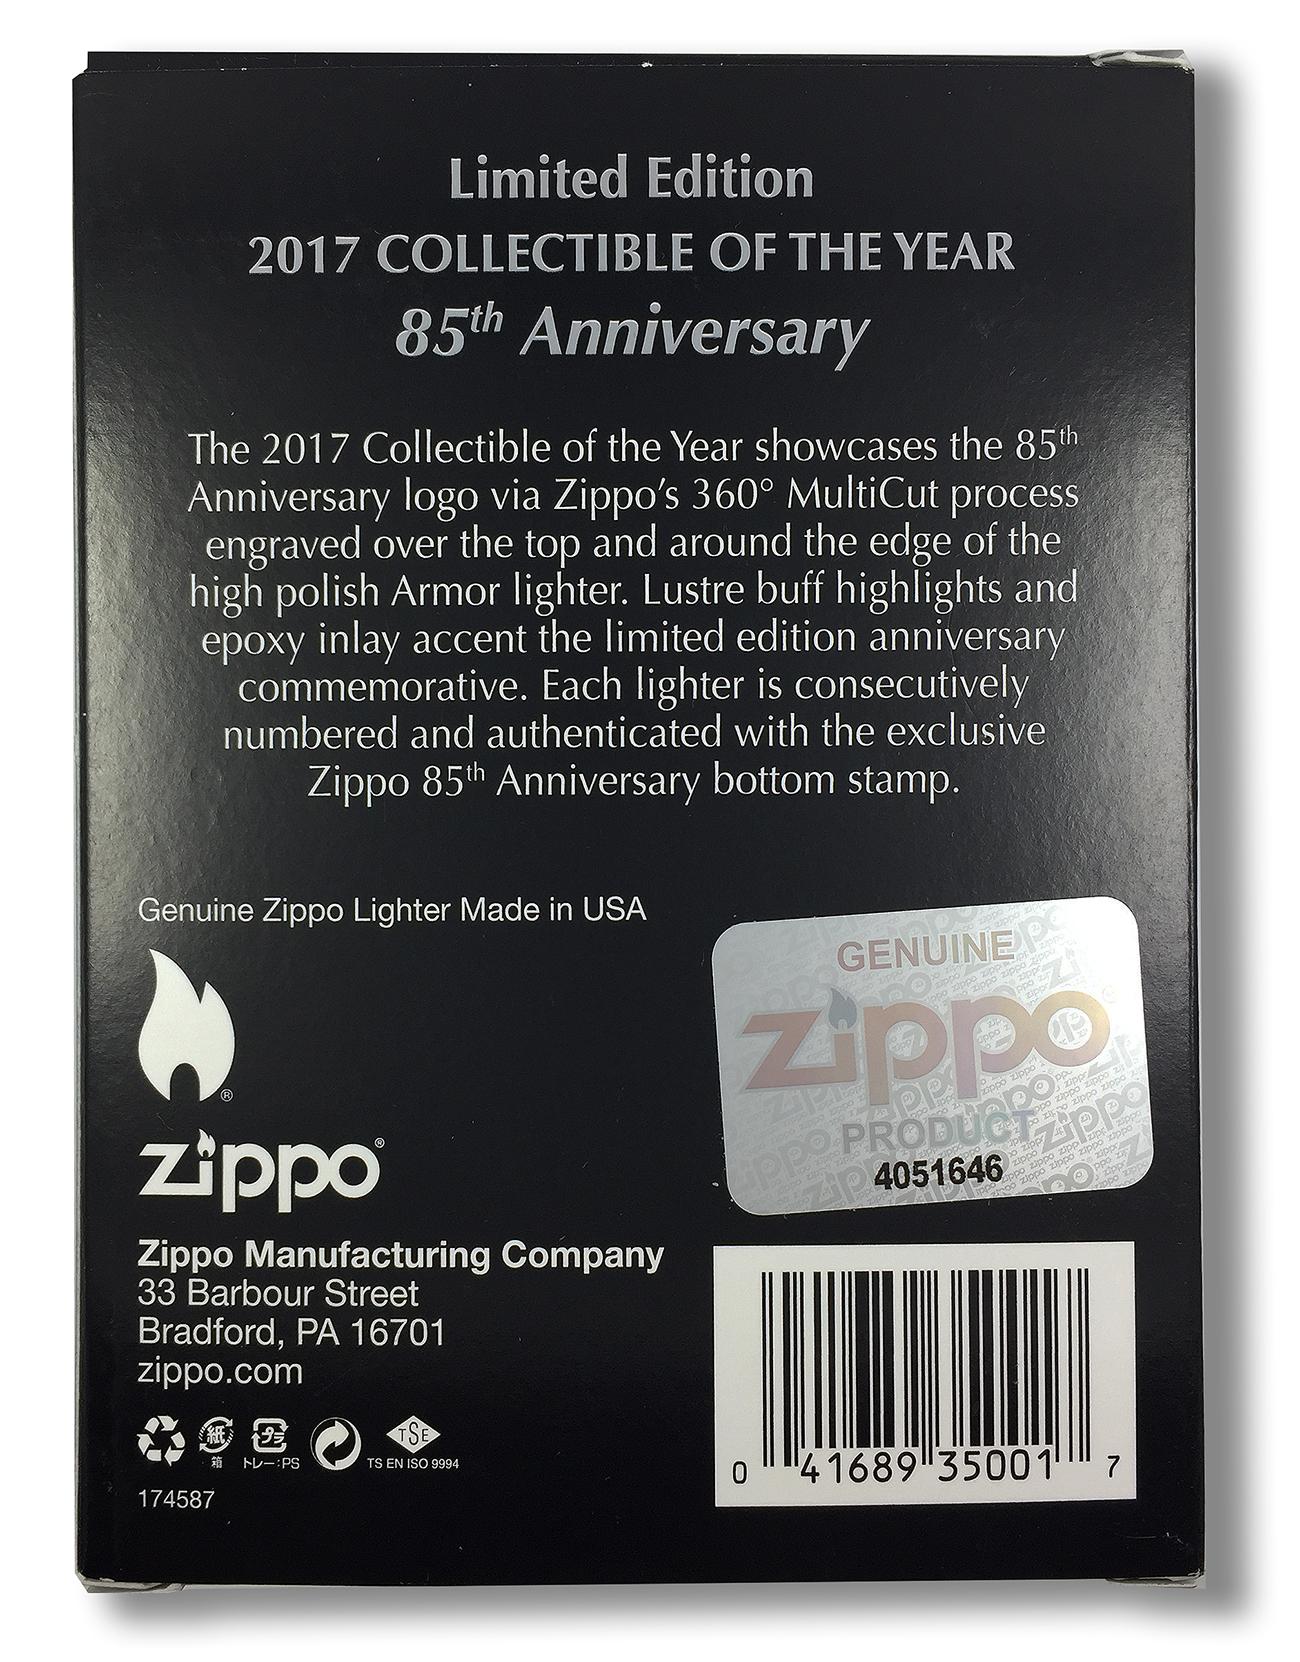 29442 Зажигалка Zippo 85th Anniversary Collectible, Armor Polish Chrome в индивидуальной коллекционной упаковке с голограммой zippo